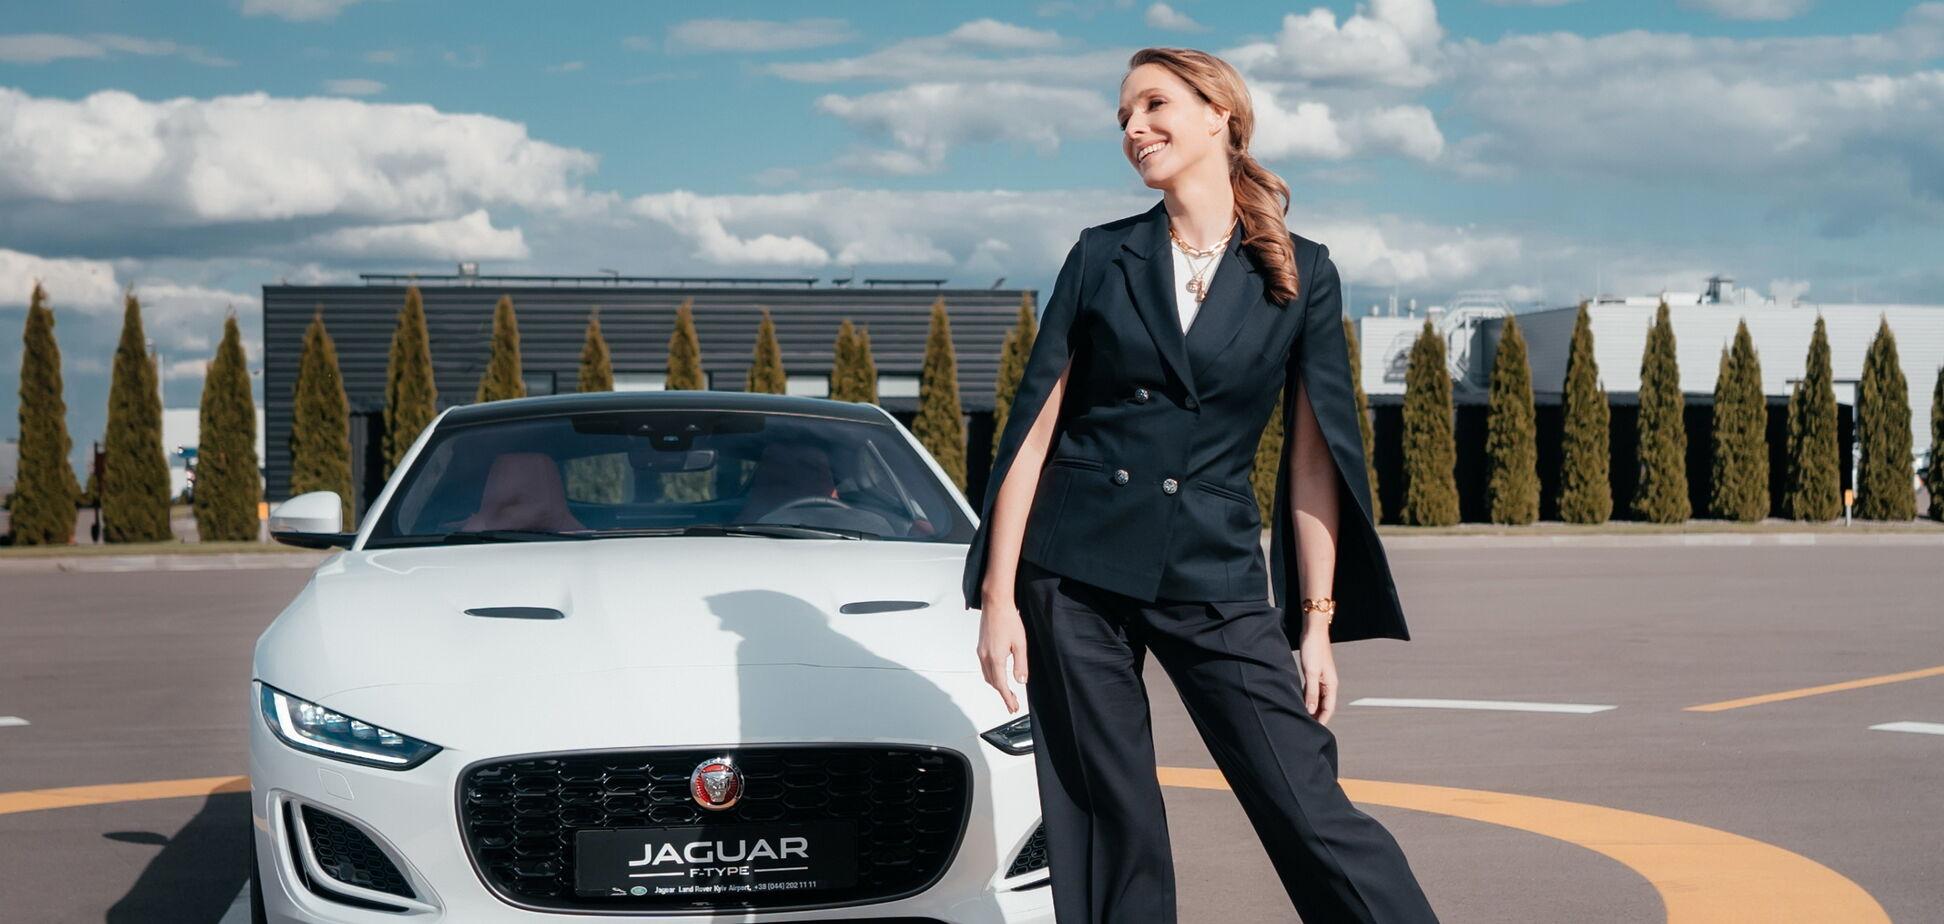 Катя Осадча знялася у відео з Jaguar F-Type